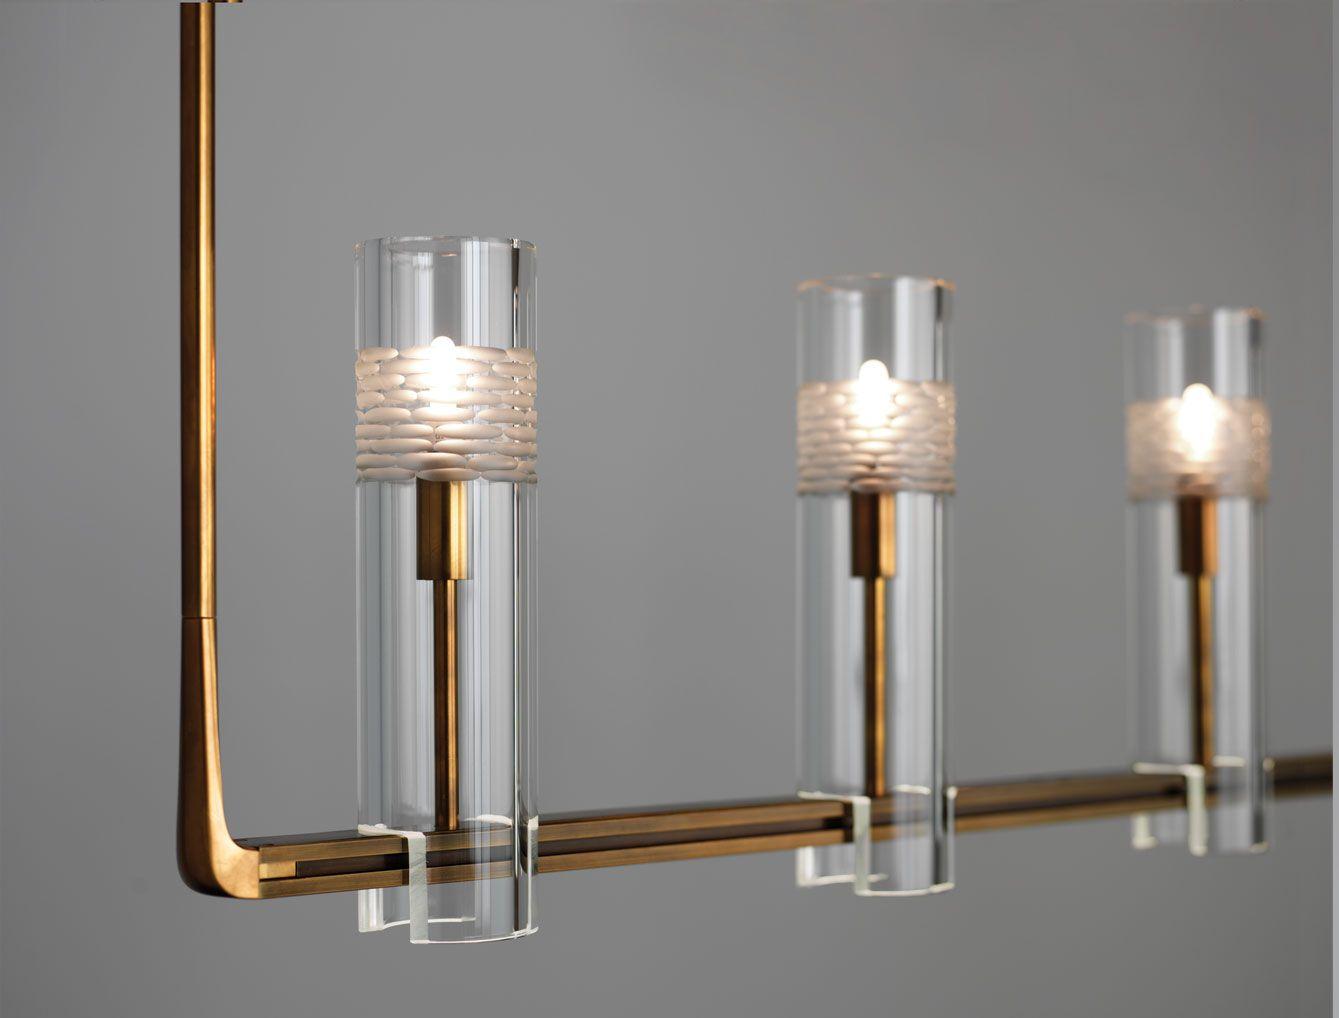 jonathan browning lighting. Products | Jonathan Browning Studios Lighting S